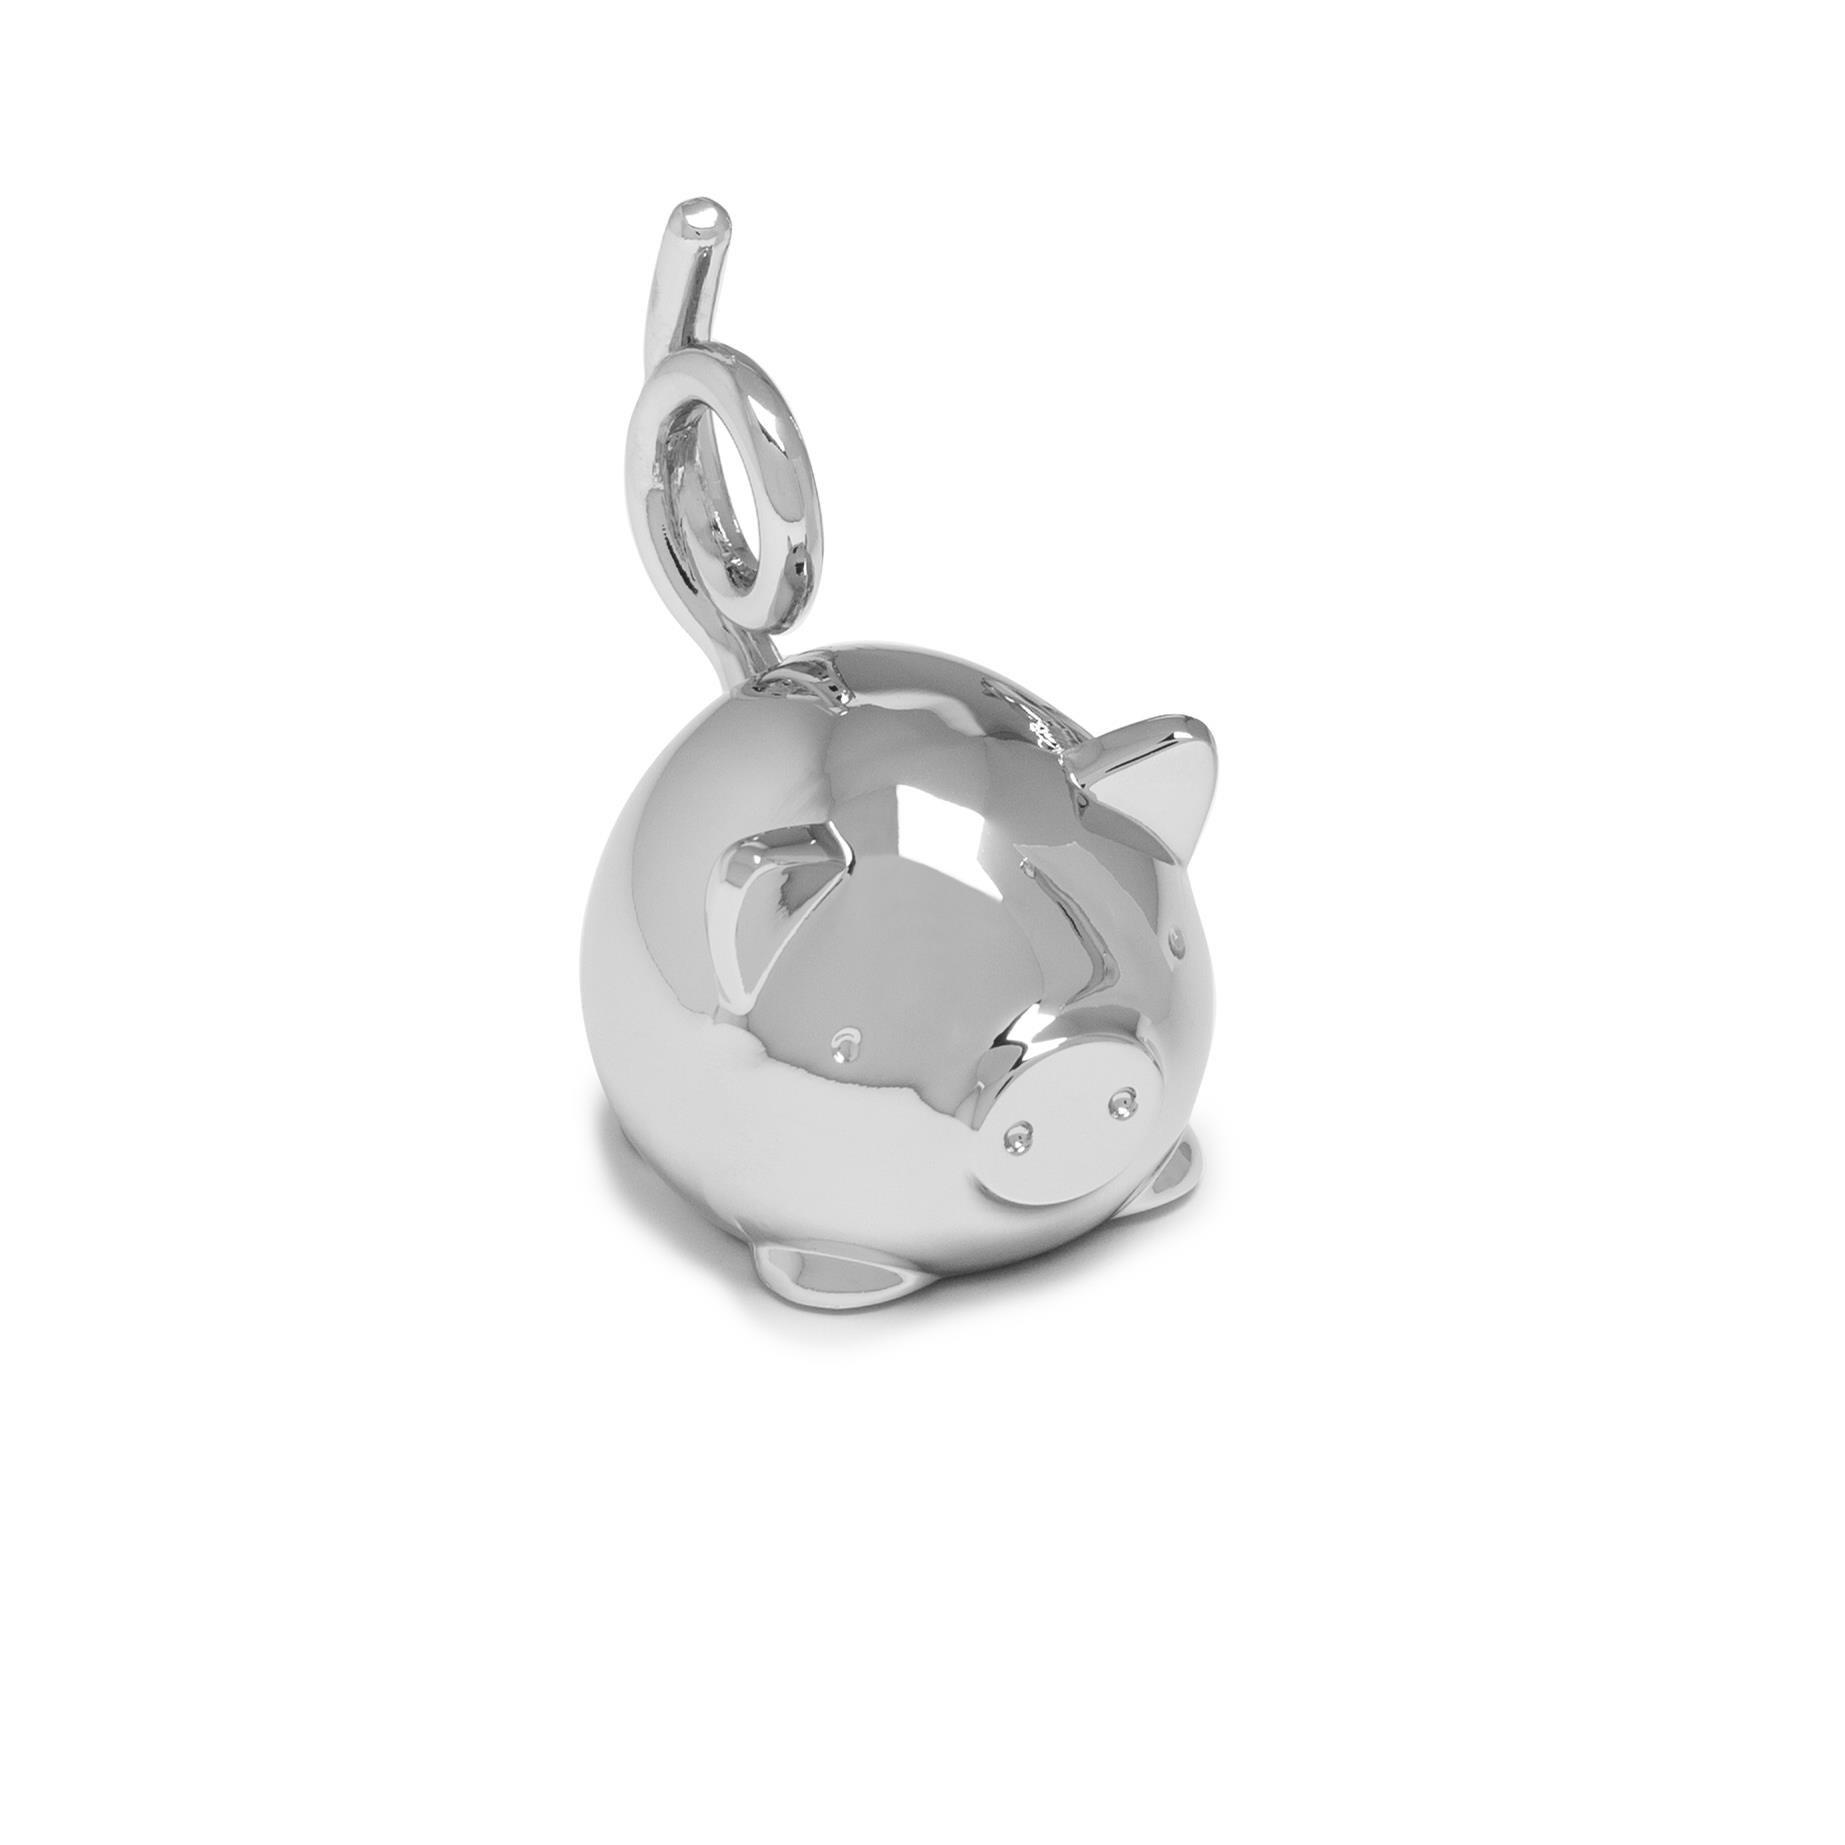 Šperkovnice SQUIGGY PIG chrom_1